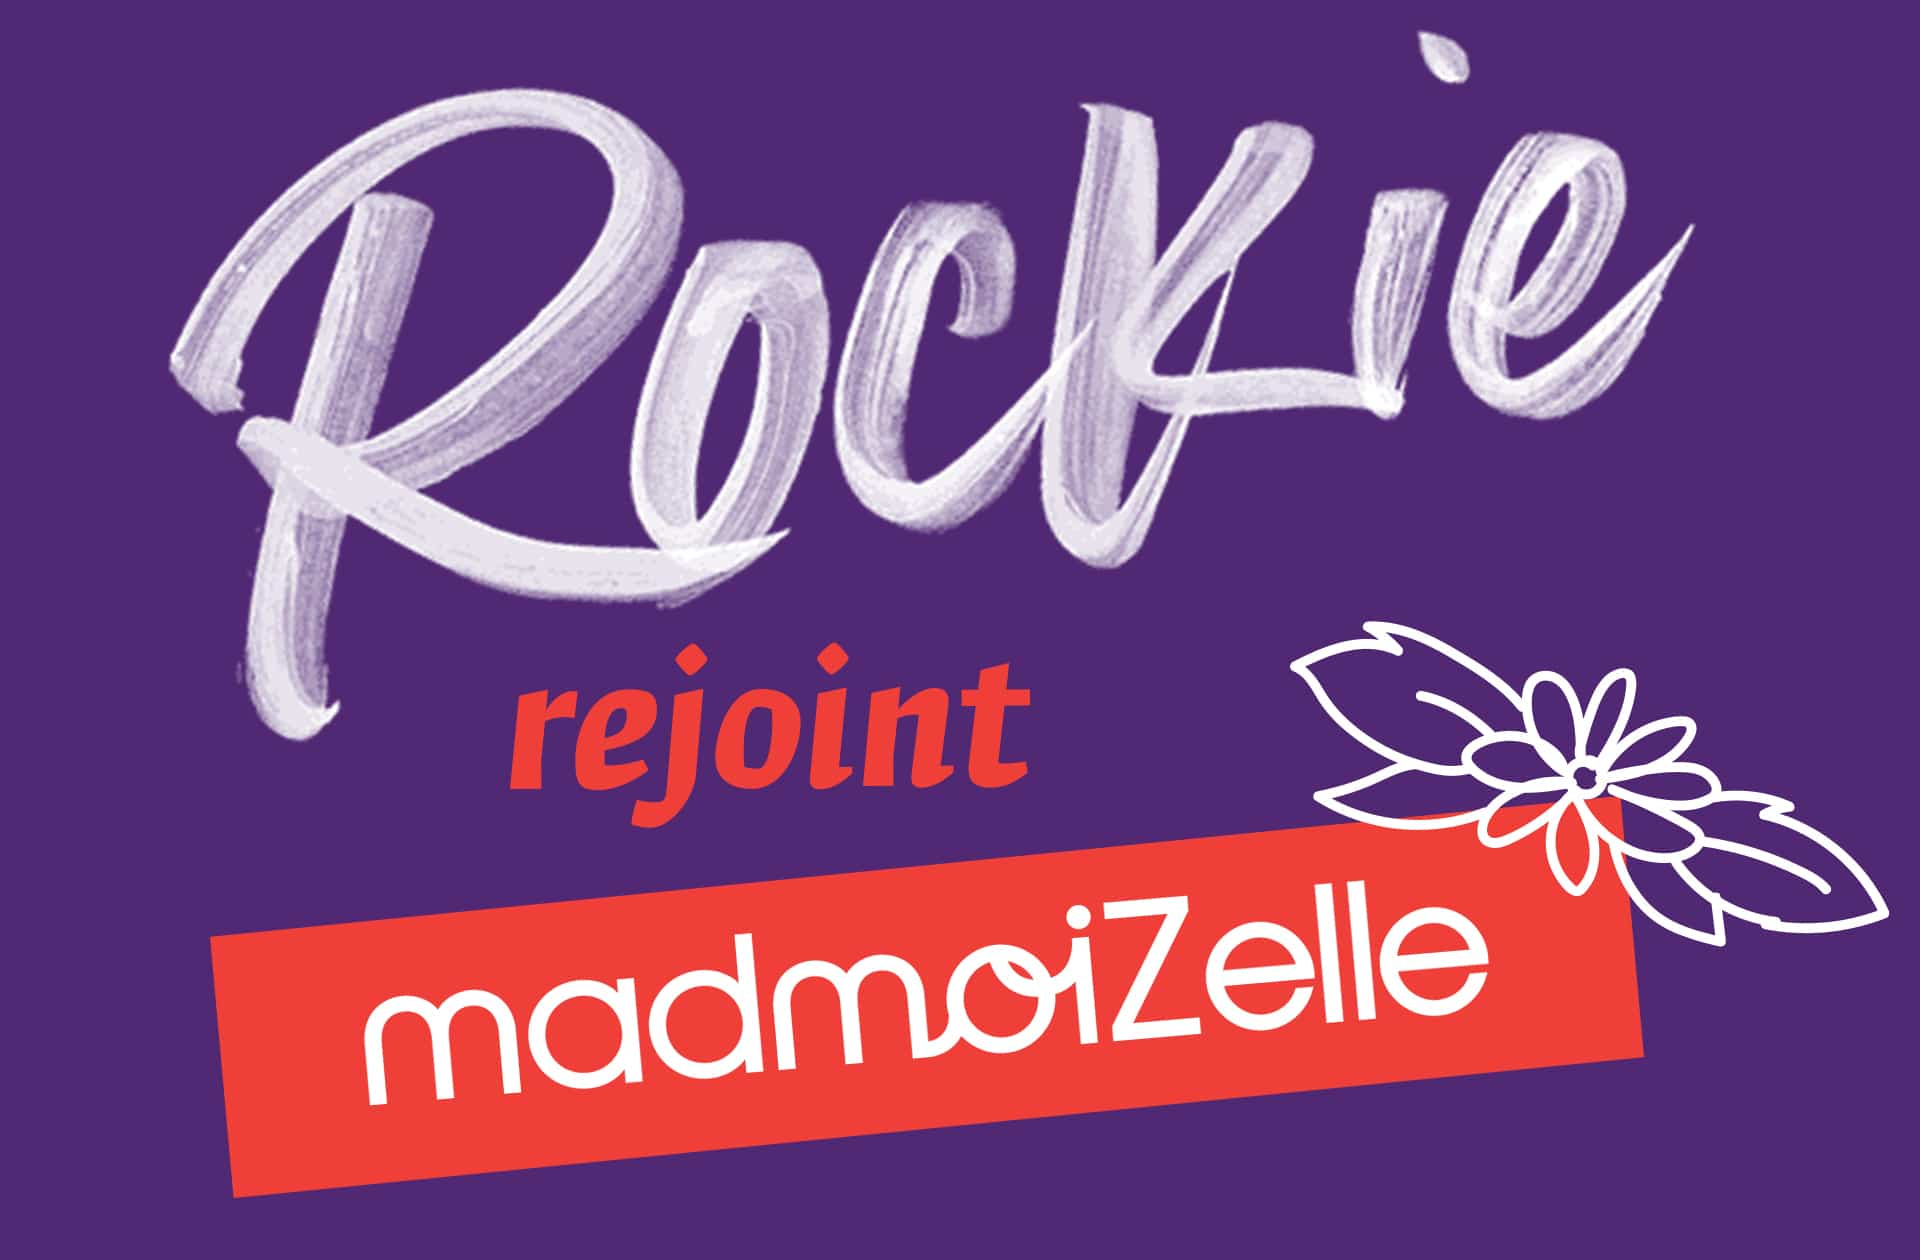 Rockie rejoint Madmoizelle et devient Daronne, une verticale sur la parentalité féministe